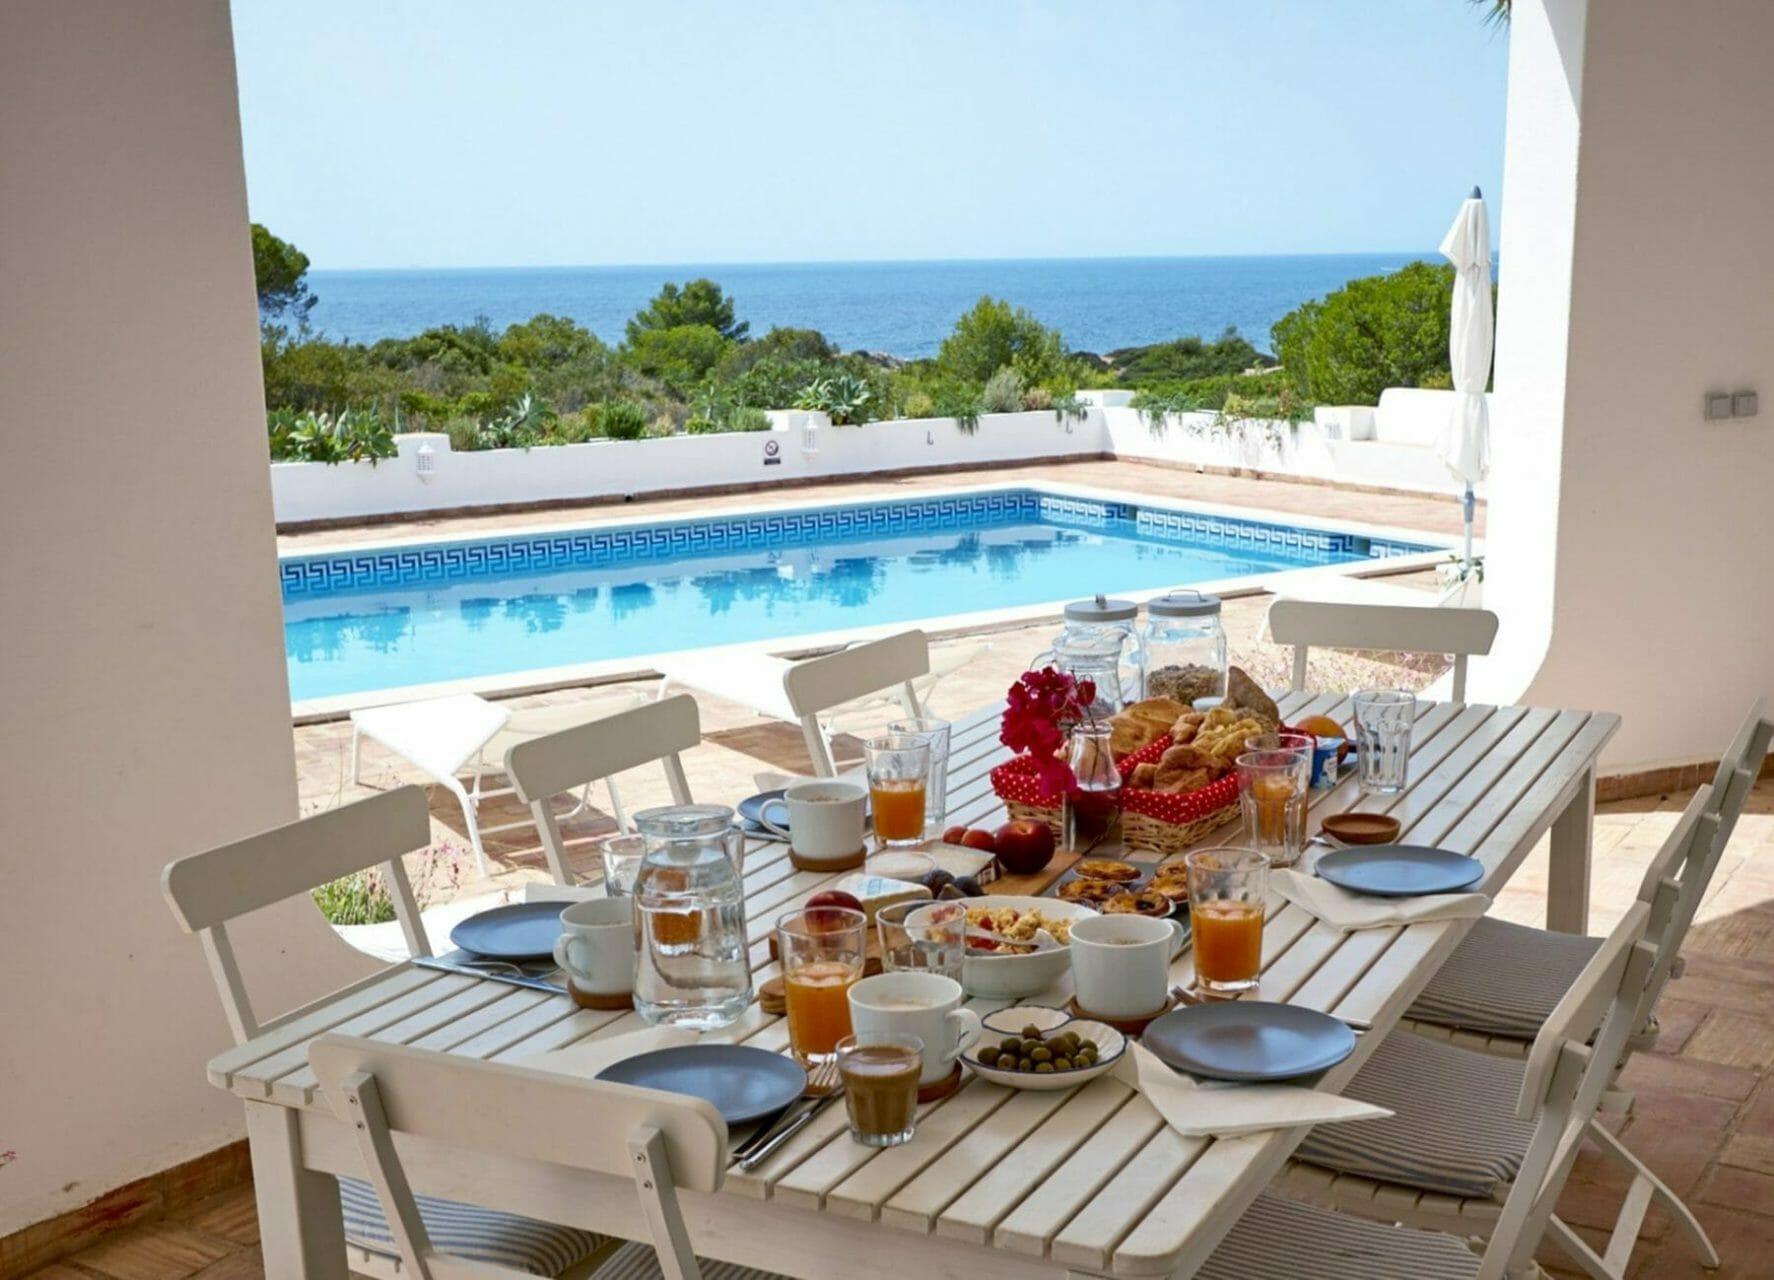 Gedeckter Tisch mit Frühstück und Meerblick über Pool